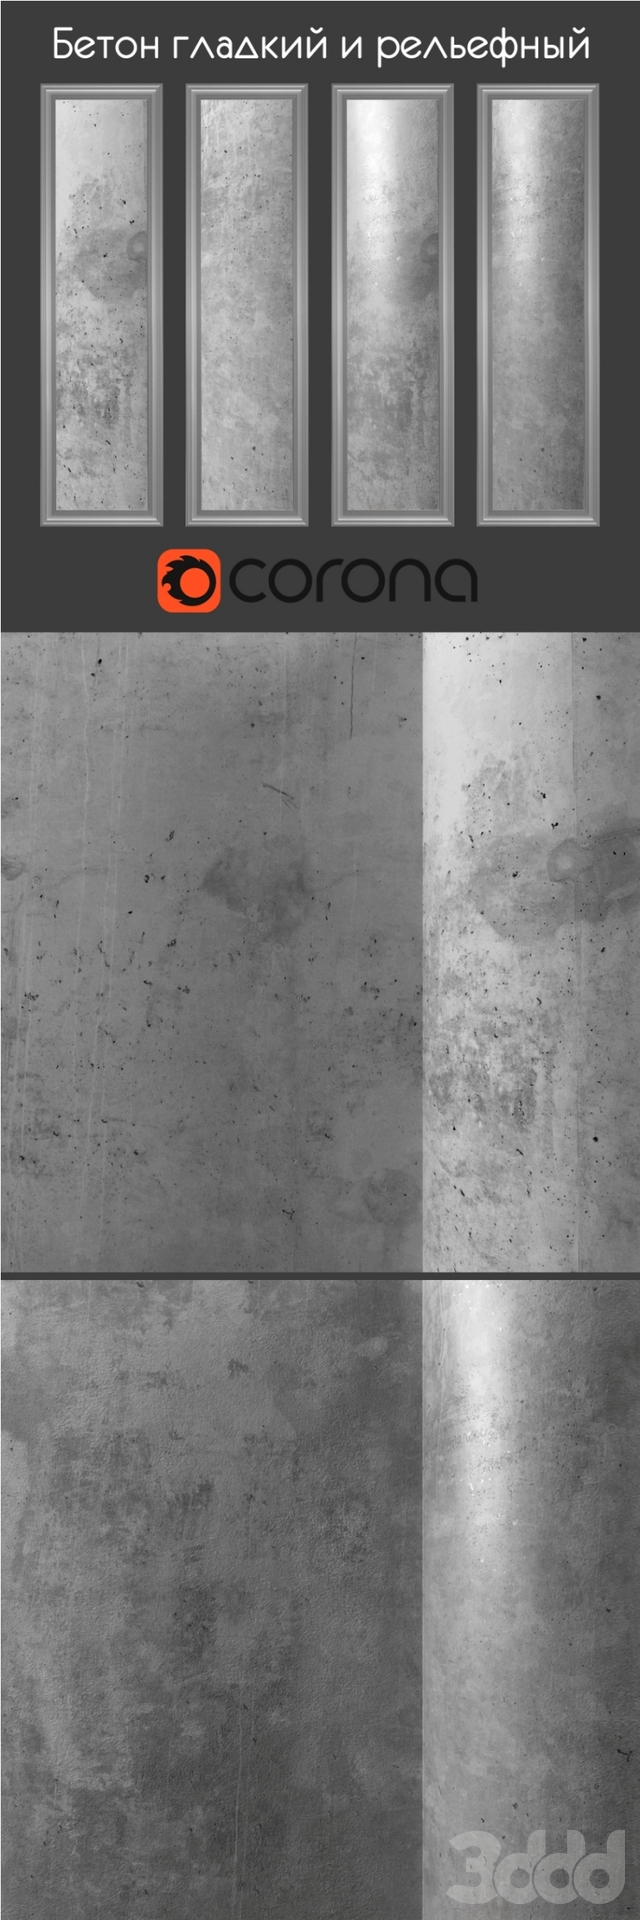 Рельефный бетон купить бетон в ногинск с доставкой